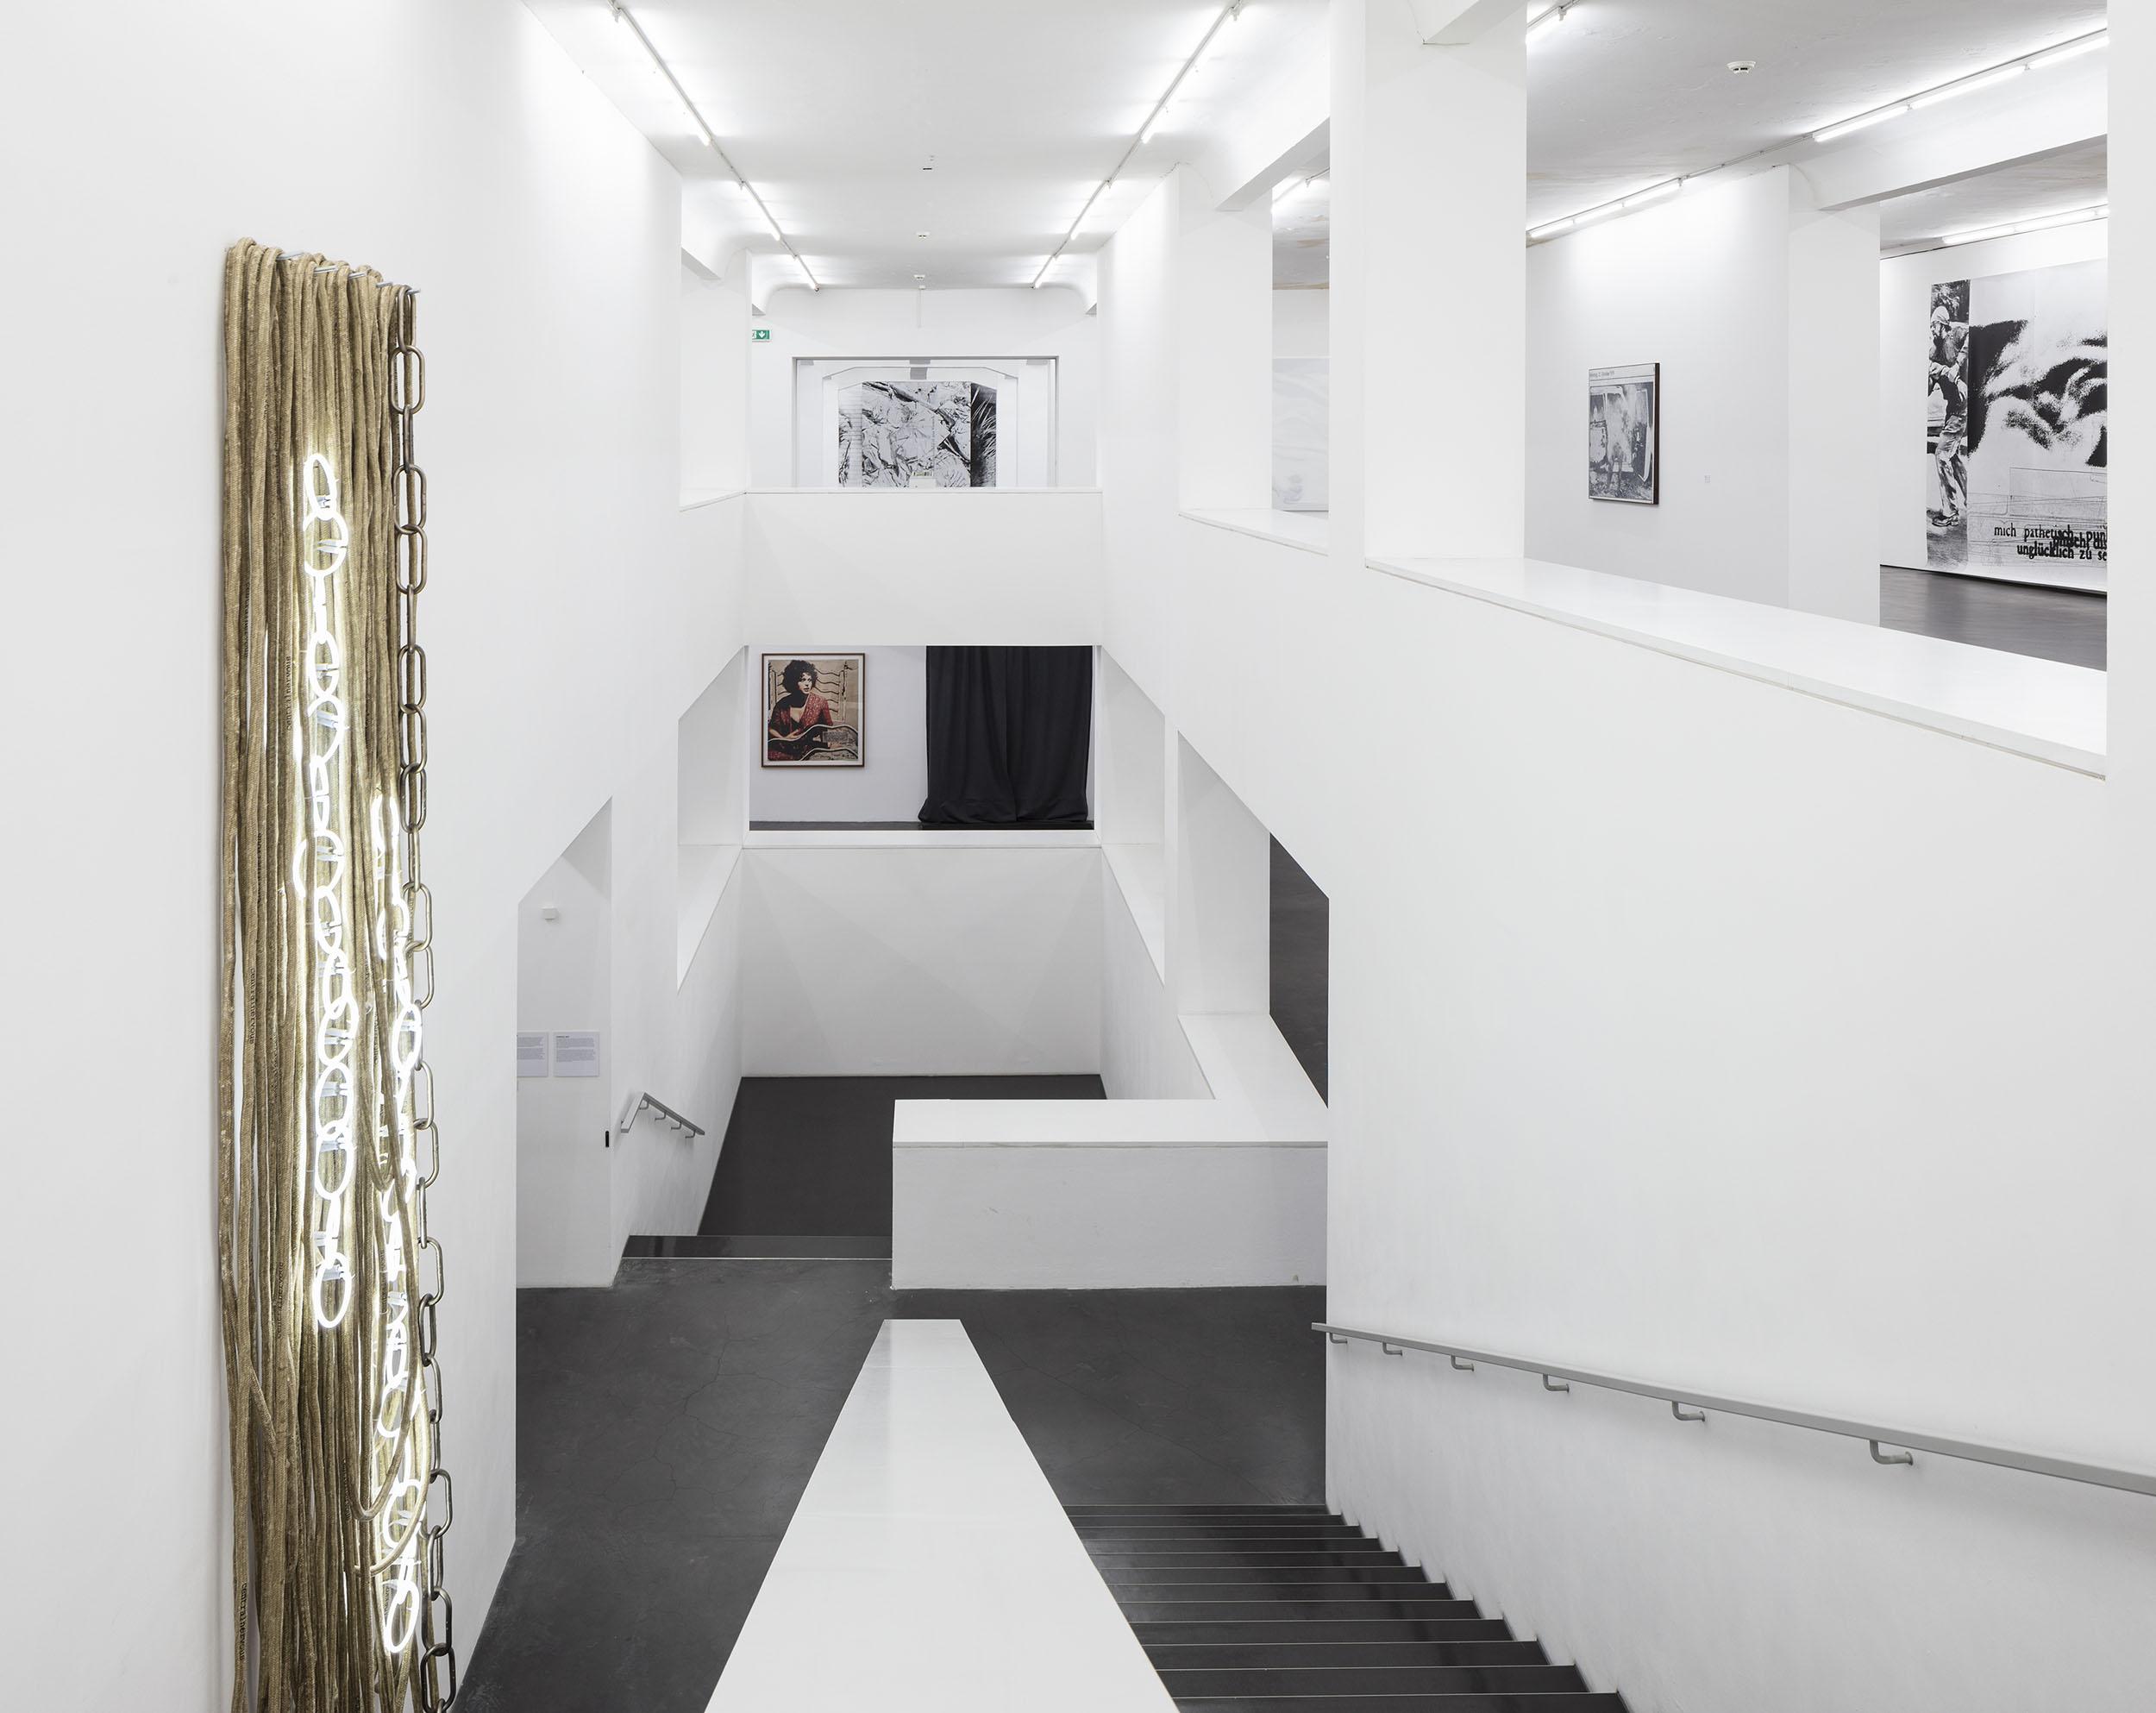 Astrid Klein. TRANSCENDENTAL HOMELESS CENTRALNERVOUS, Deichtorhallen, HH, Sammlung, Falckenberg, 2018